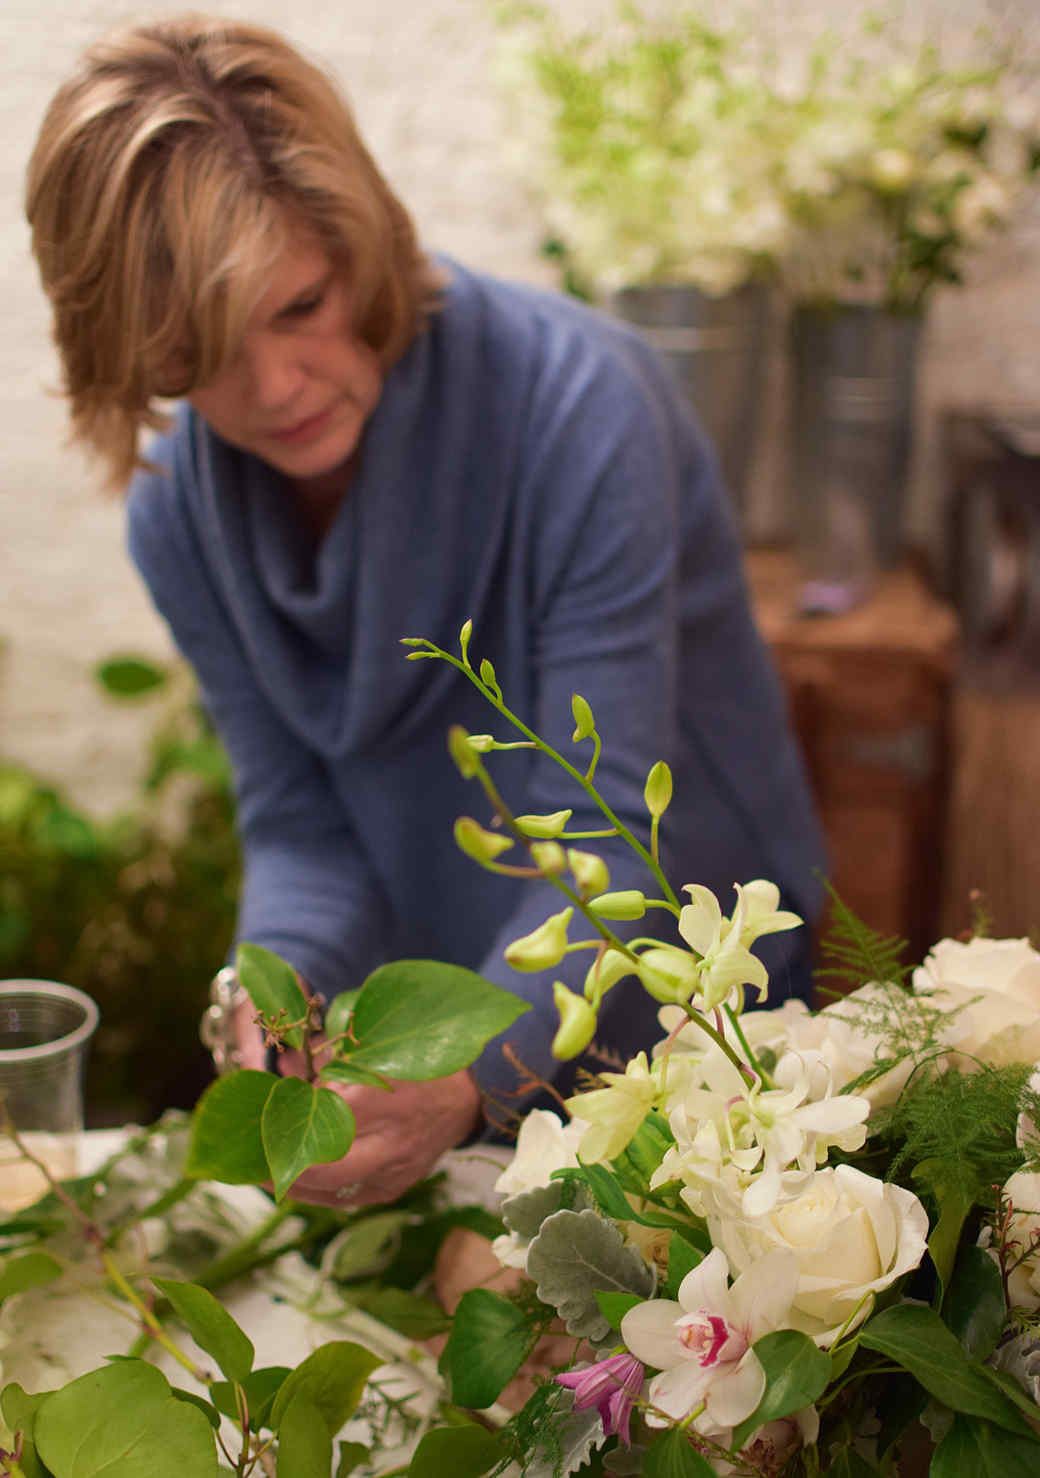 flowergirl-nyc-lm-visit-0316-20.jpg (skyword:244862)